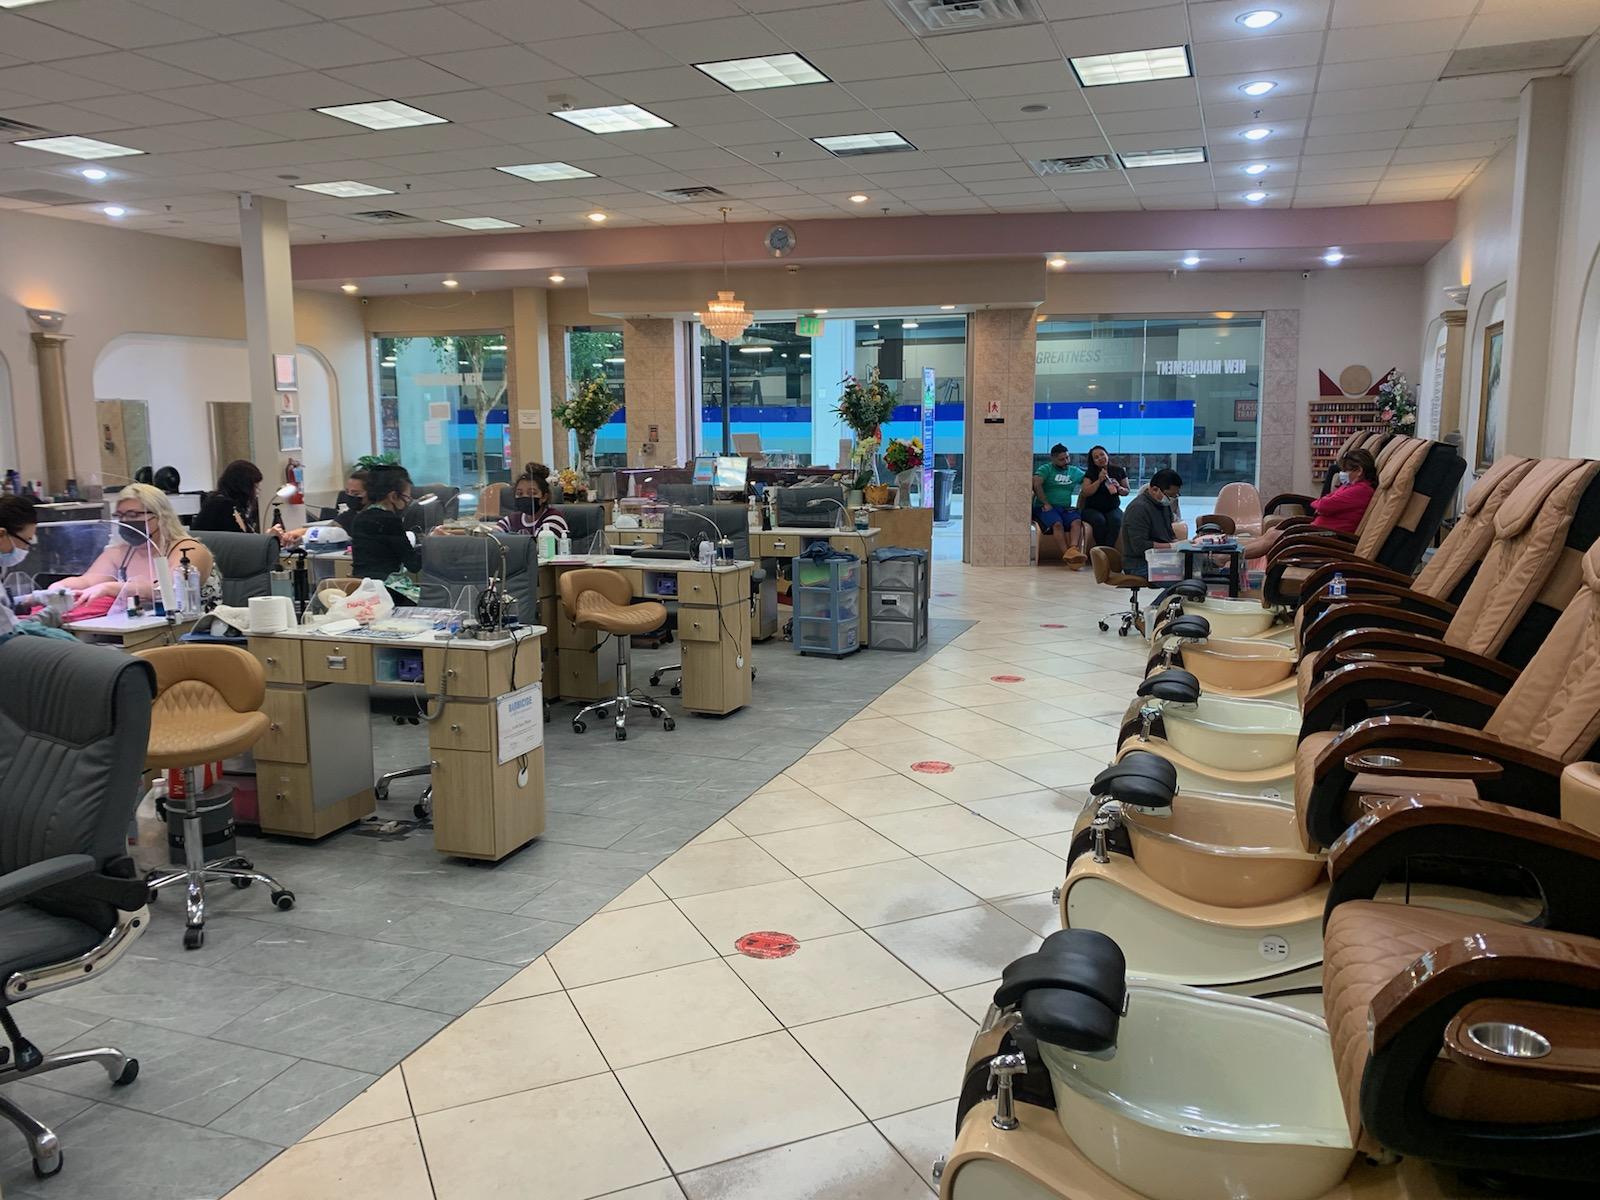 First Impressions Salon & Spa | Nail salon 92553 | Near me Moreno Valley, CA 92553